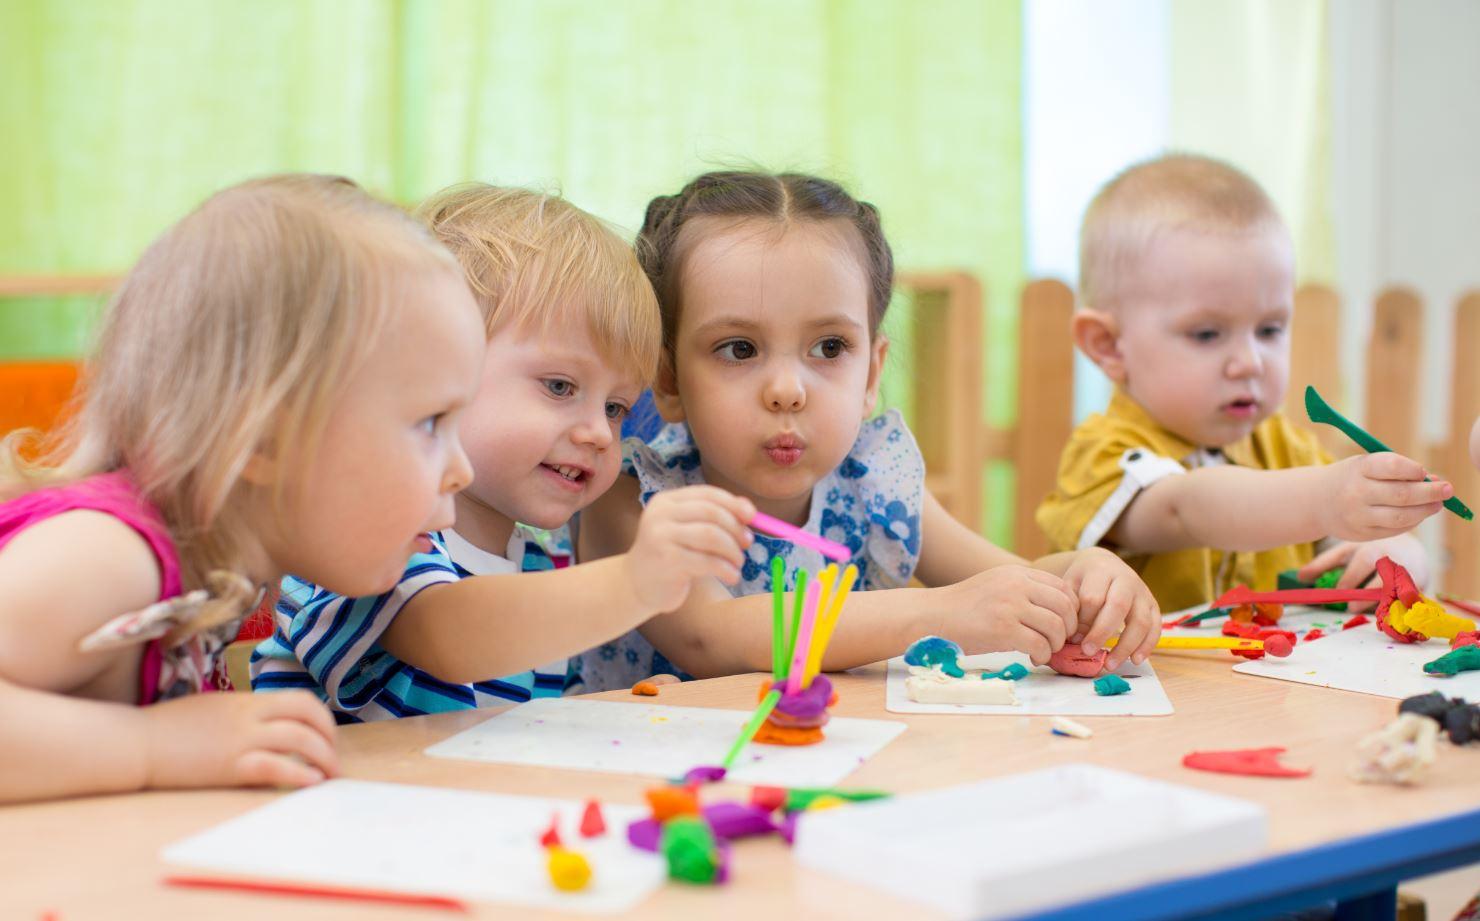 Kinder sitzen zusammen und malen